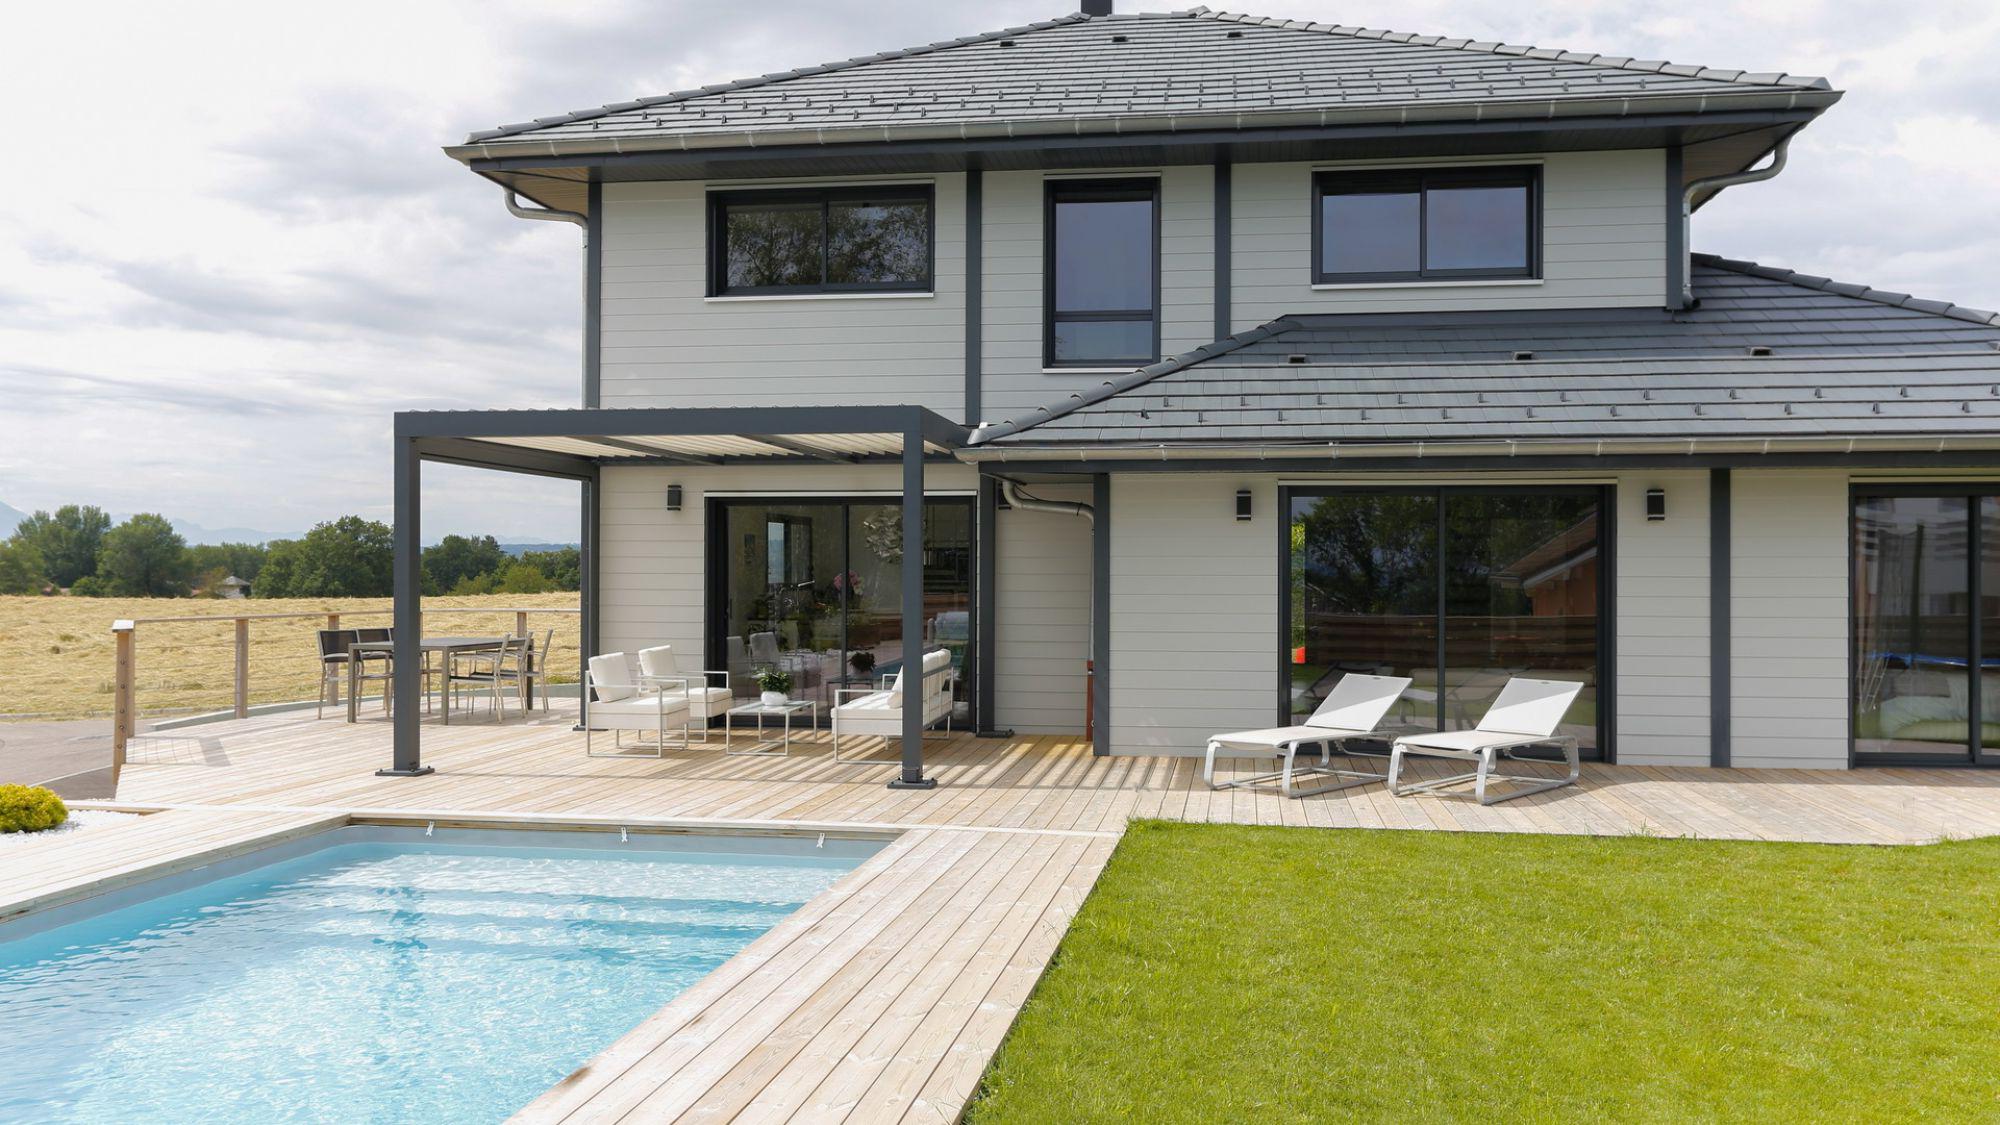 Comment créer un plan de maison sans architecte?